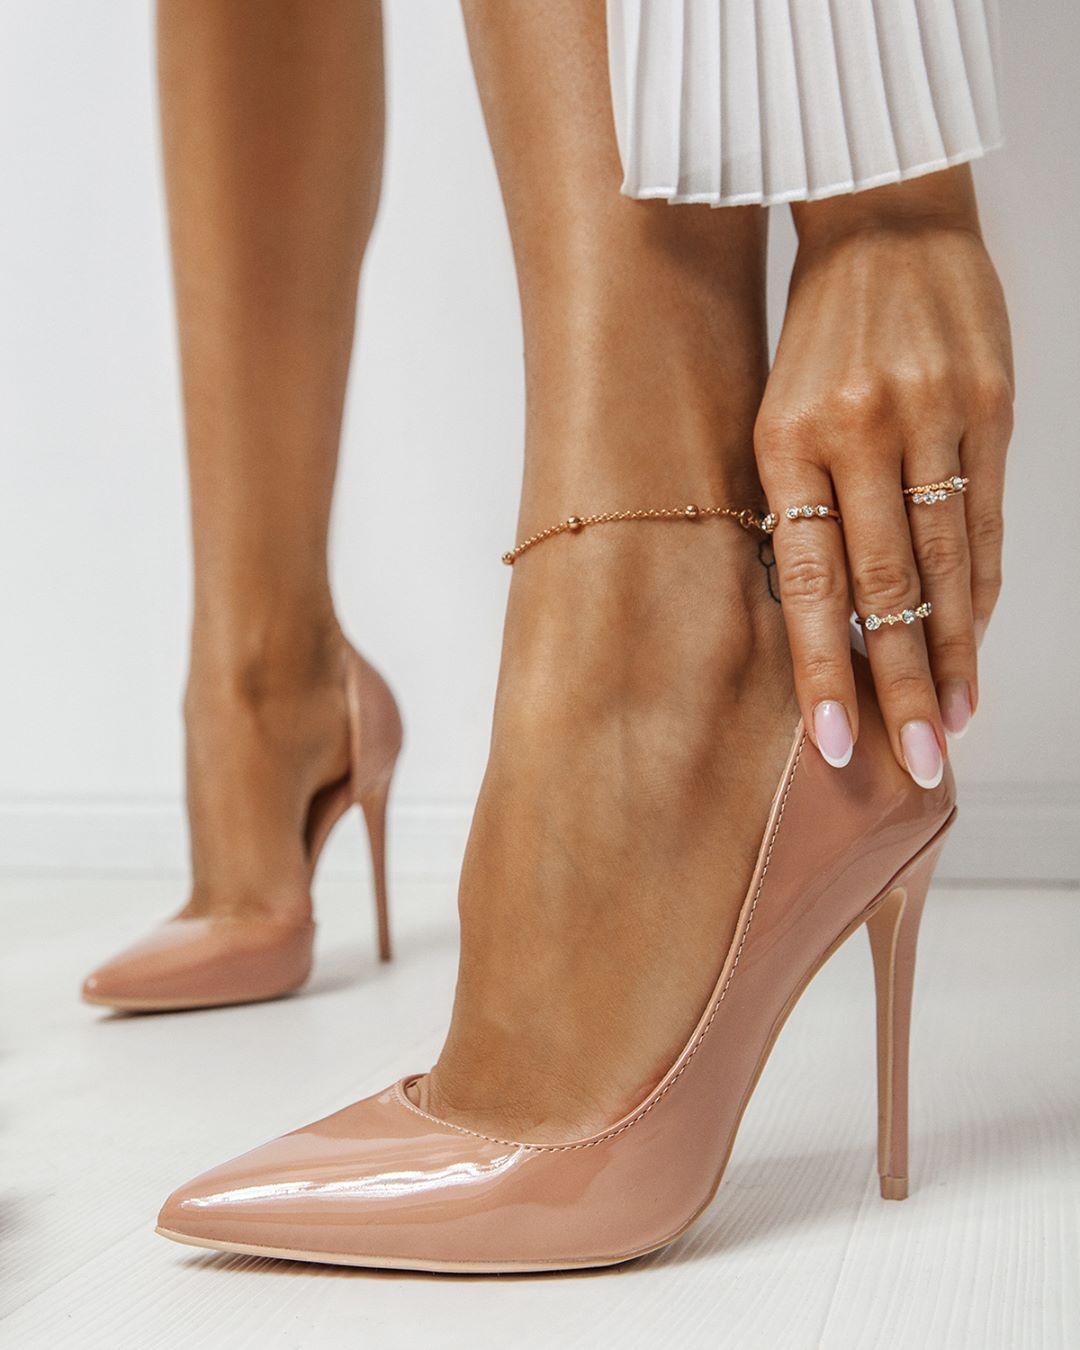 Uwielbiamy Klasyki Bezowe Szpilki To Prawdziwy Musthave W Szafie Kazdej Deezeegirl Wolicie Obcasy Lakierowane Czy Matowe Wedding Shoe Shoes Fashion